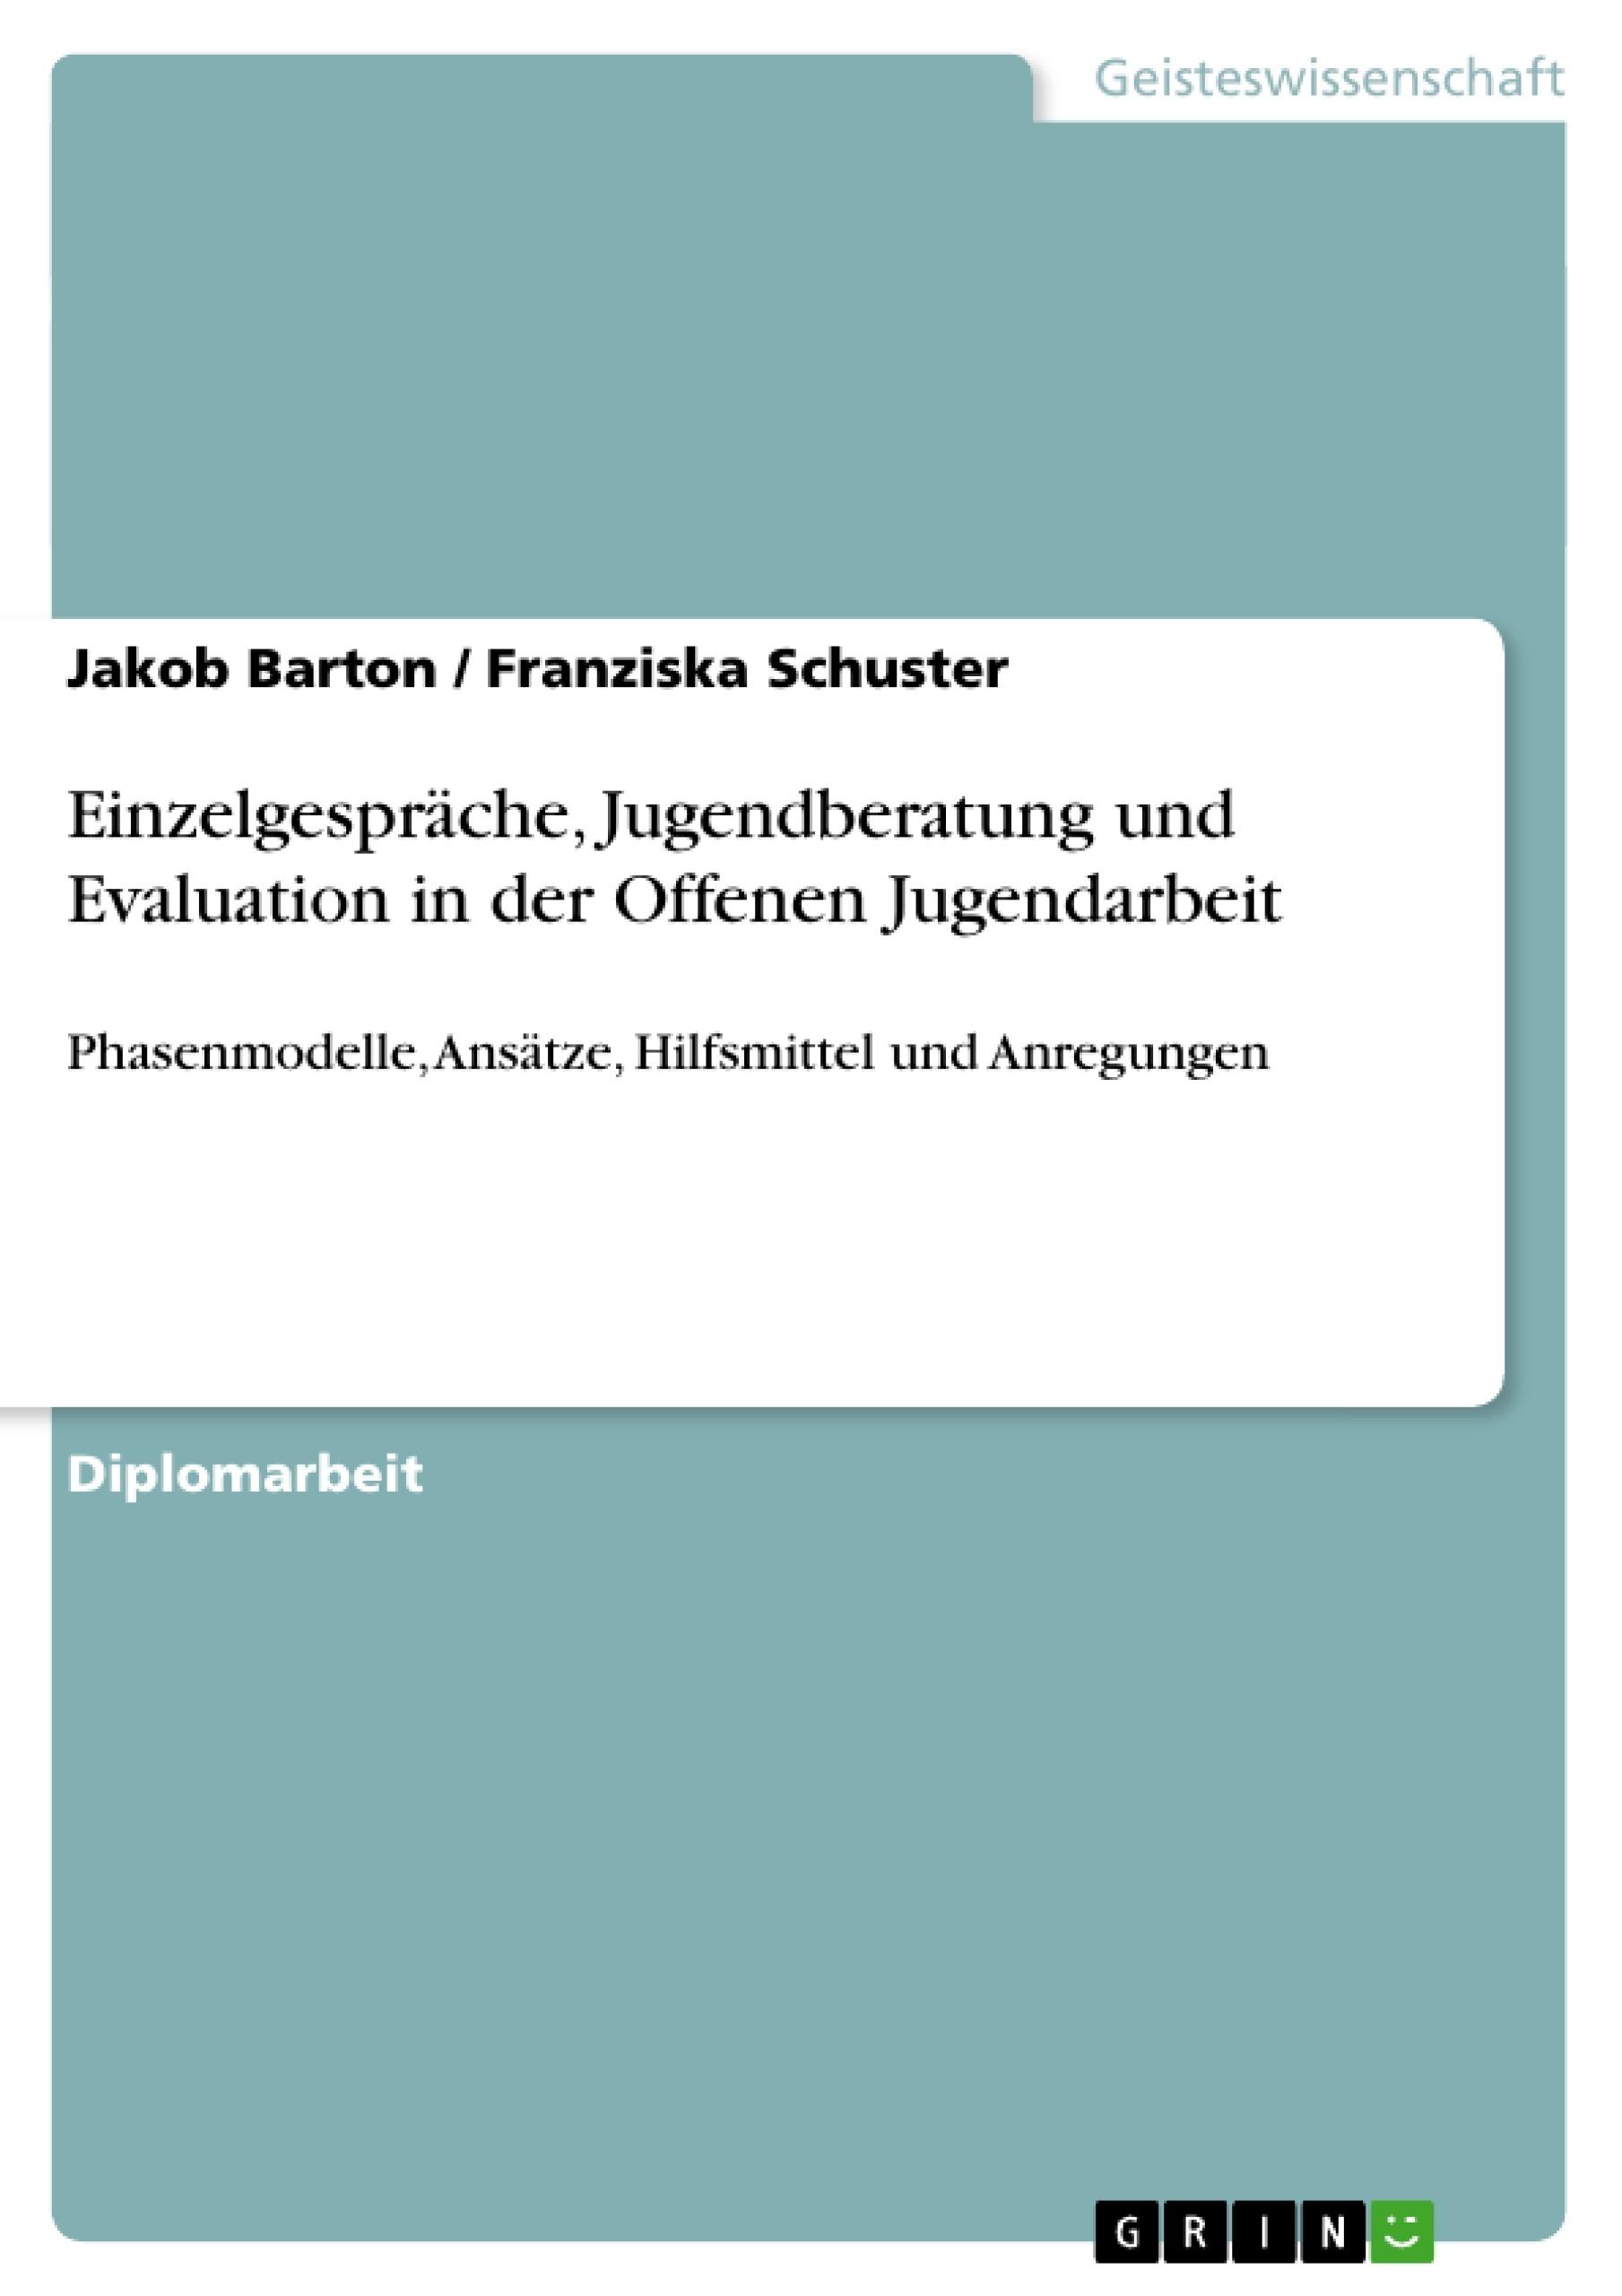 Einzelgespräche, Jugendberatung und Evaluation in der Offenen ...